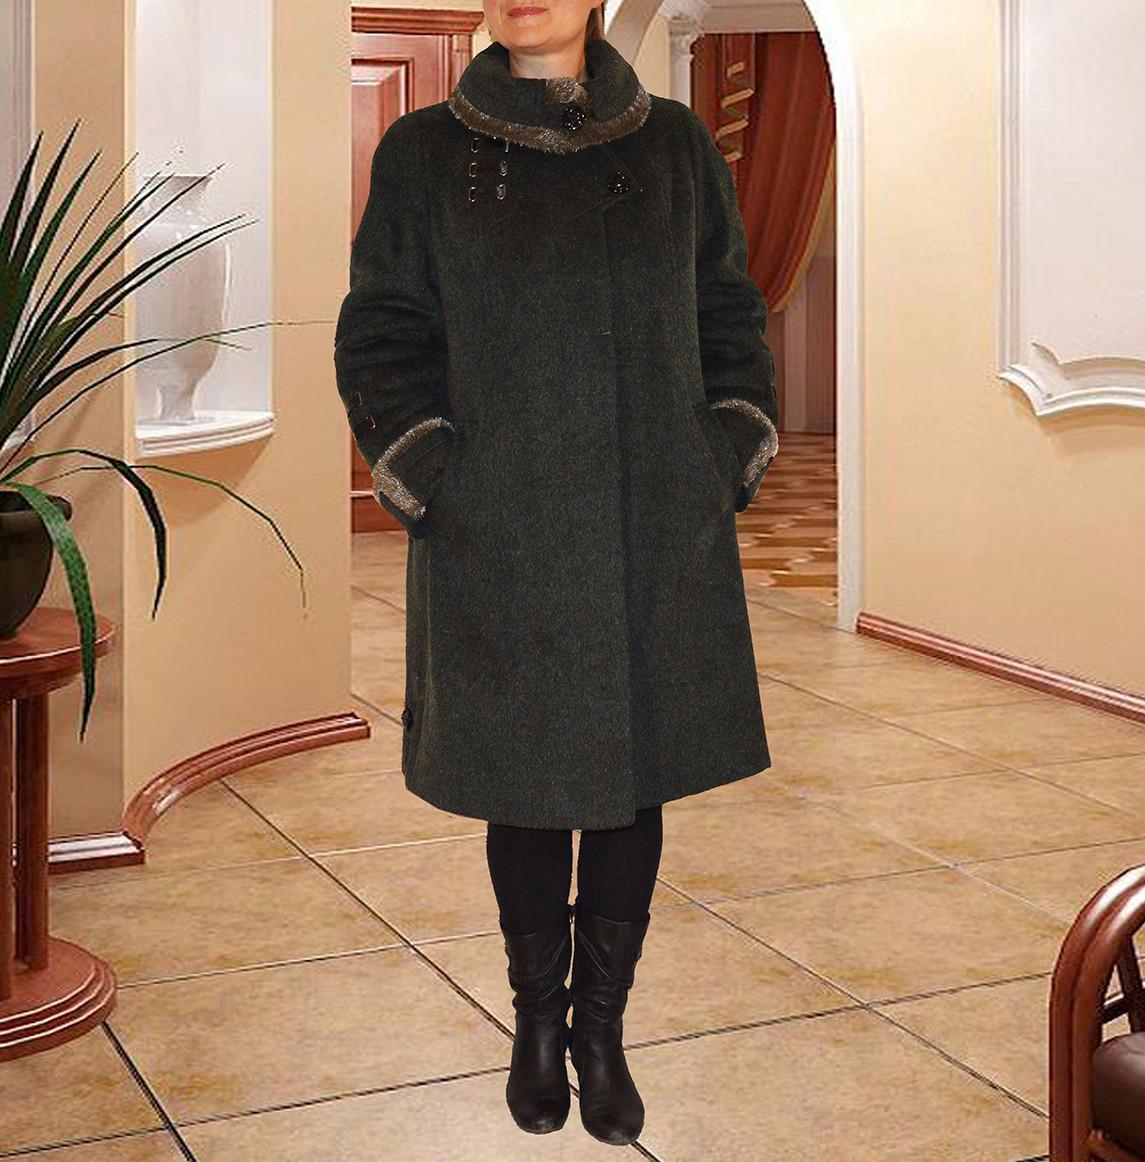 Купить Куртку 52 54 Размера